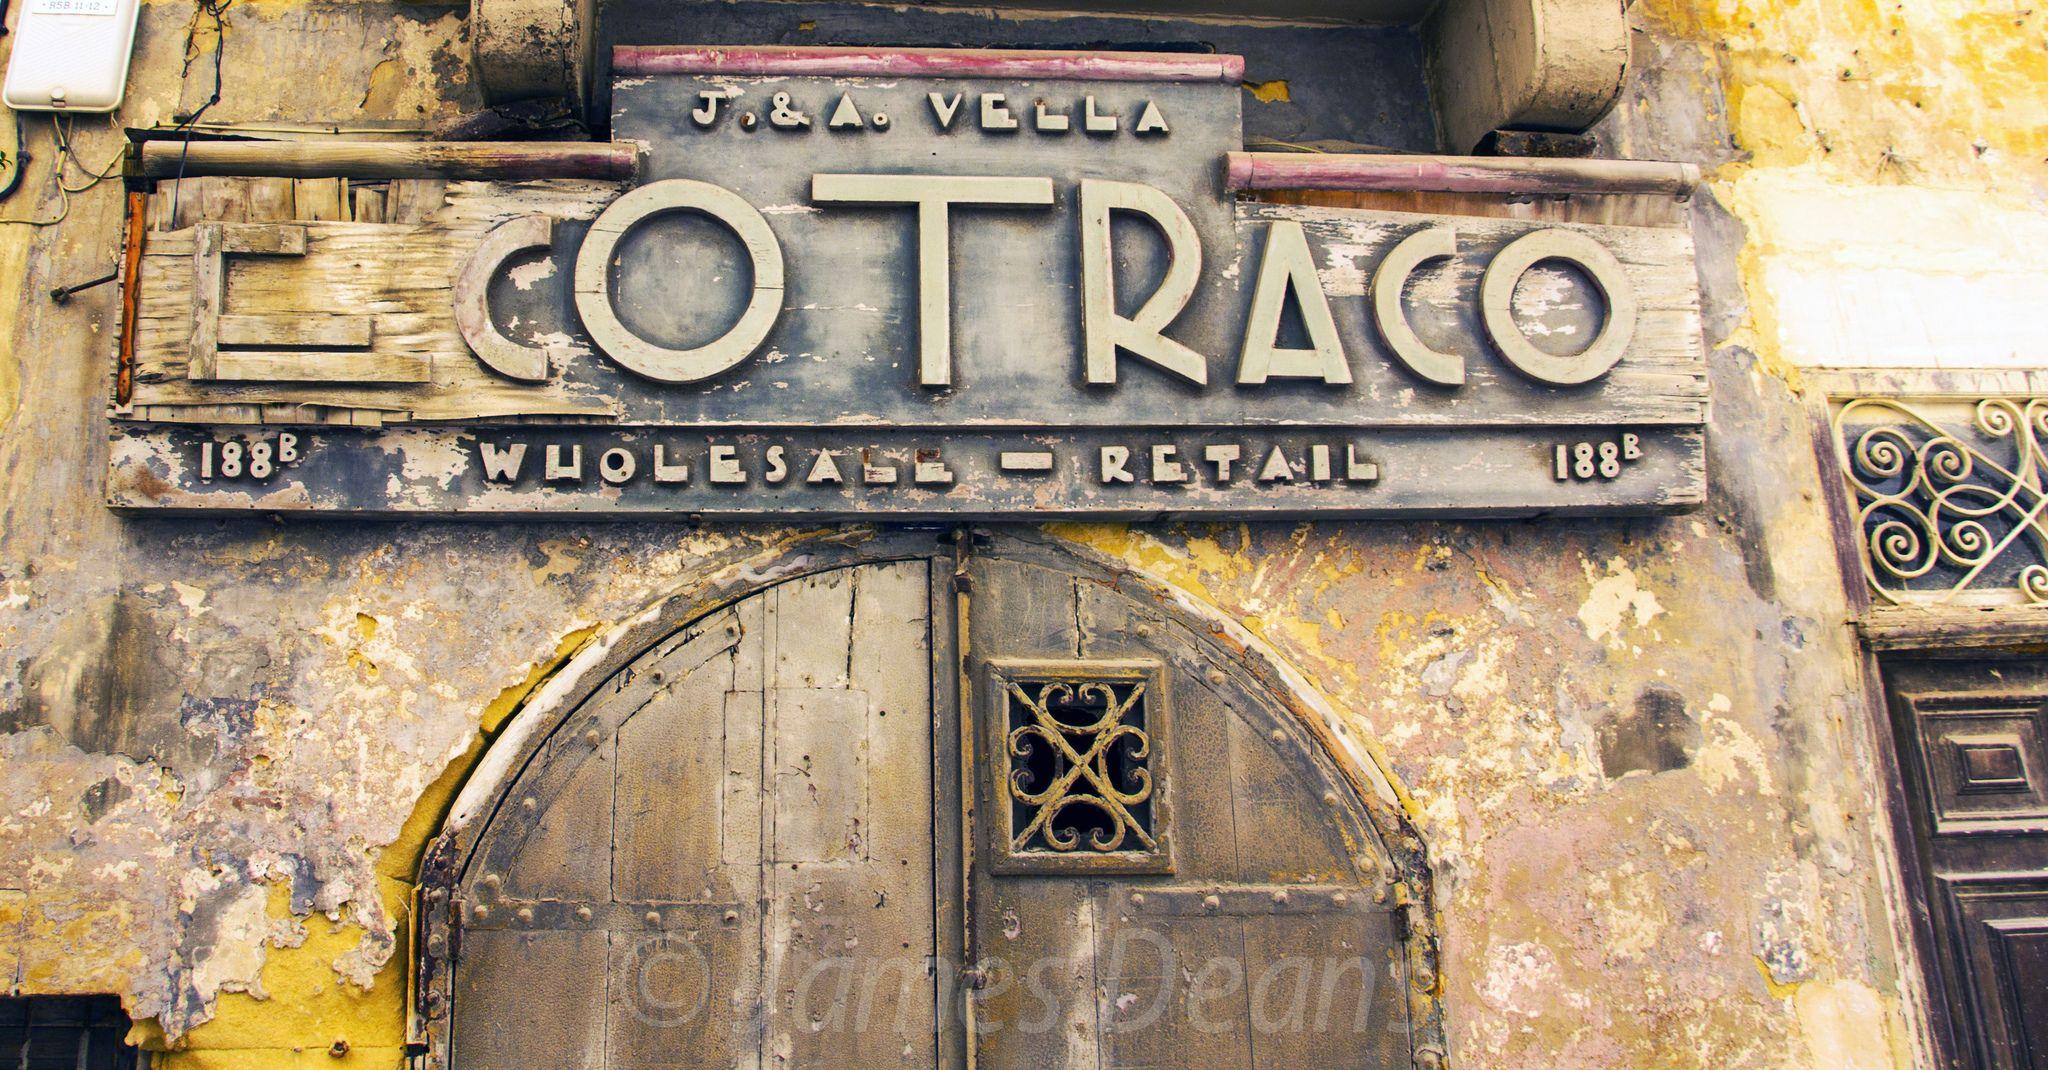 https://flic.kr/p/ooKvgr | Valletta 19 June 2014-0336.jpg | Old shop sign in Valletta. J & A Vella Ecotraco. 188B TRIQ SANTA LUCIJA - or in English 188B Saint Luke Street